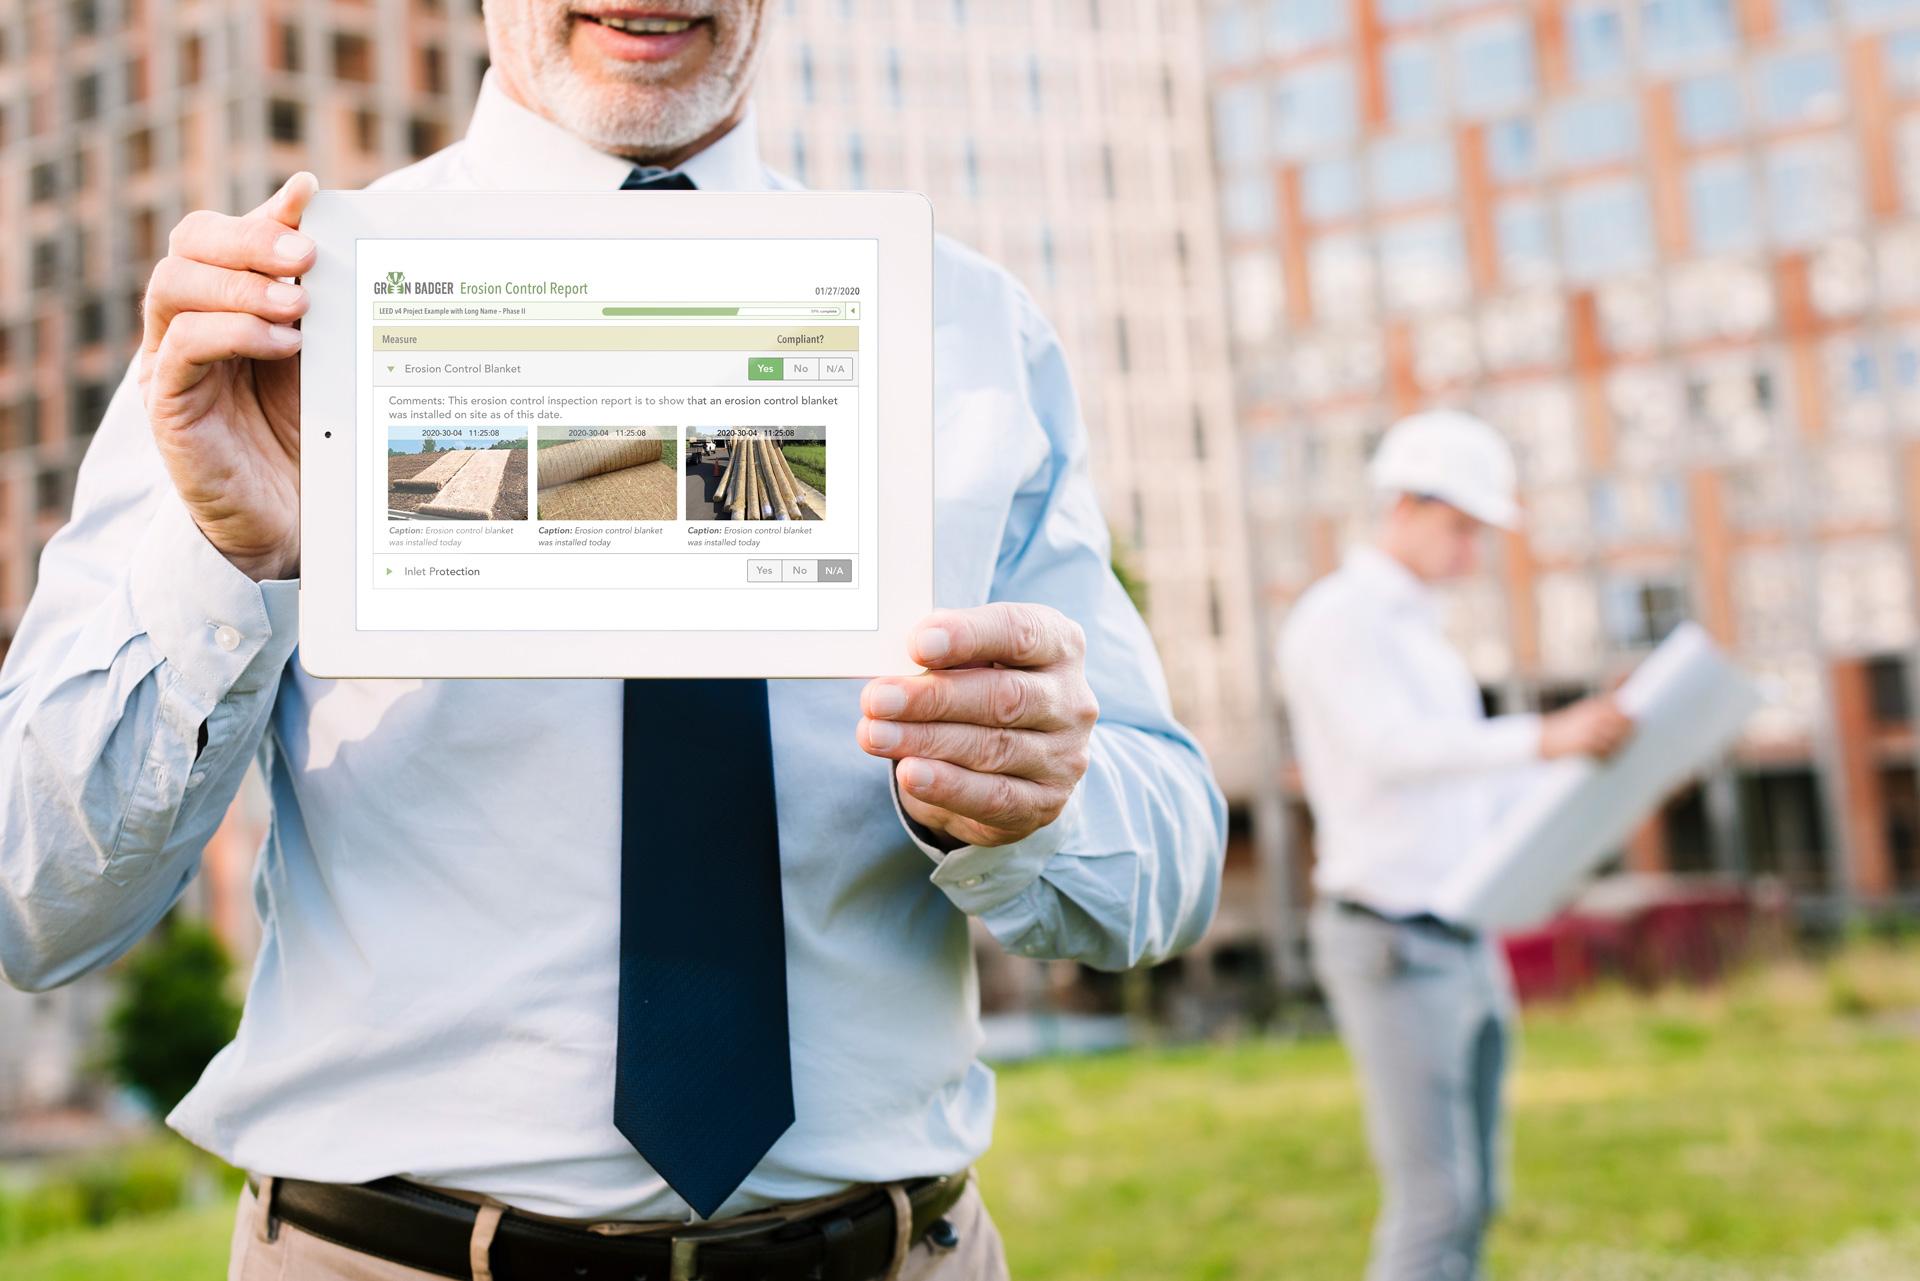 Green Badger ESC report